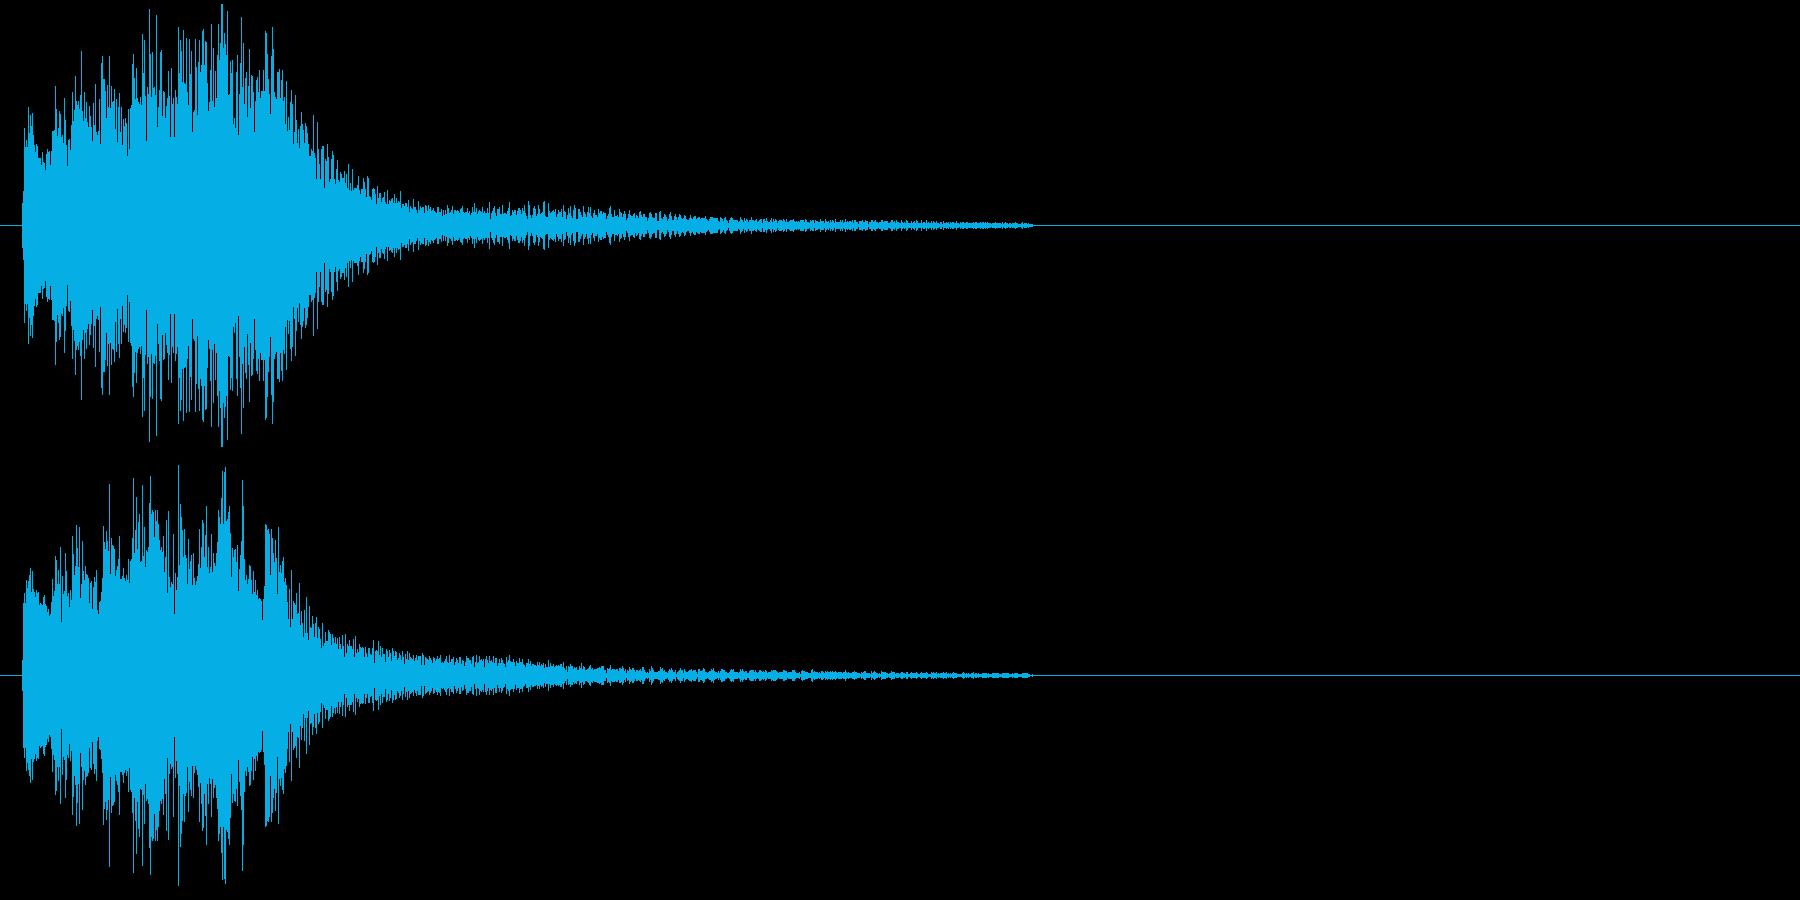 和風・琴のアタックの再生済みの波形